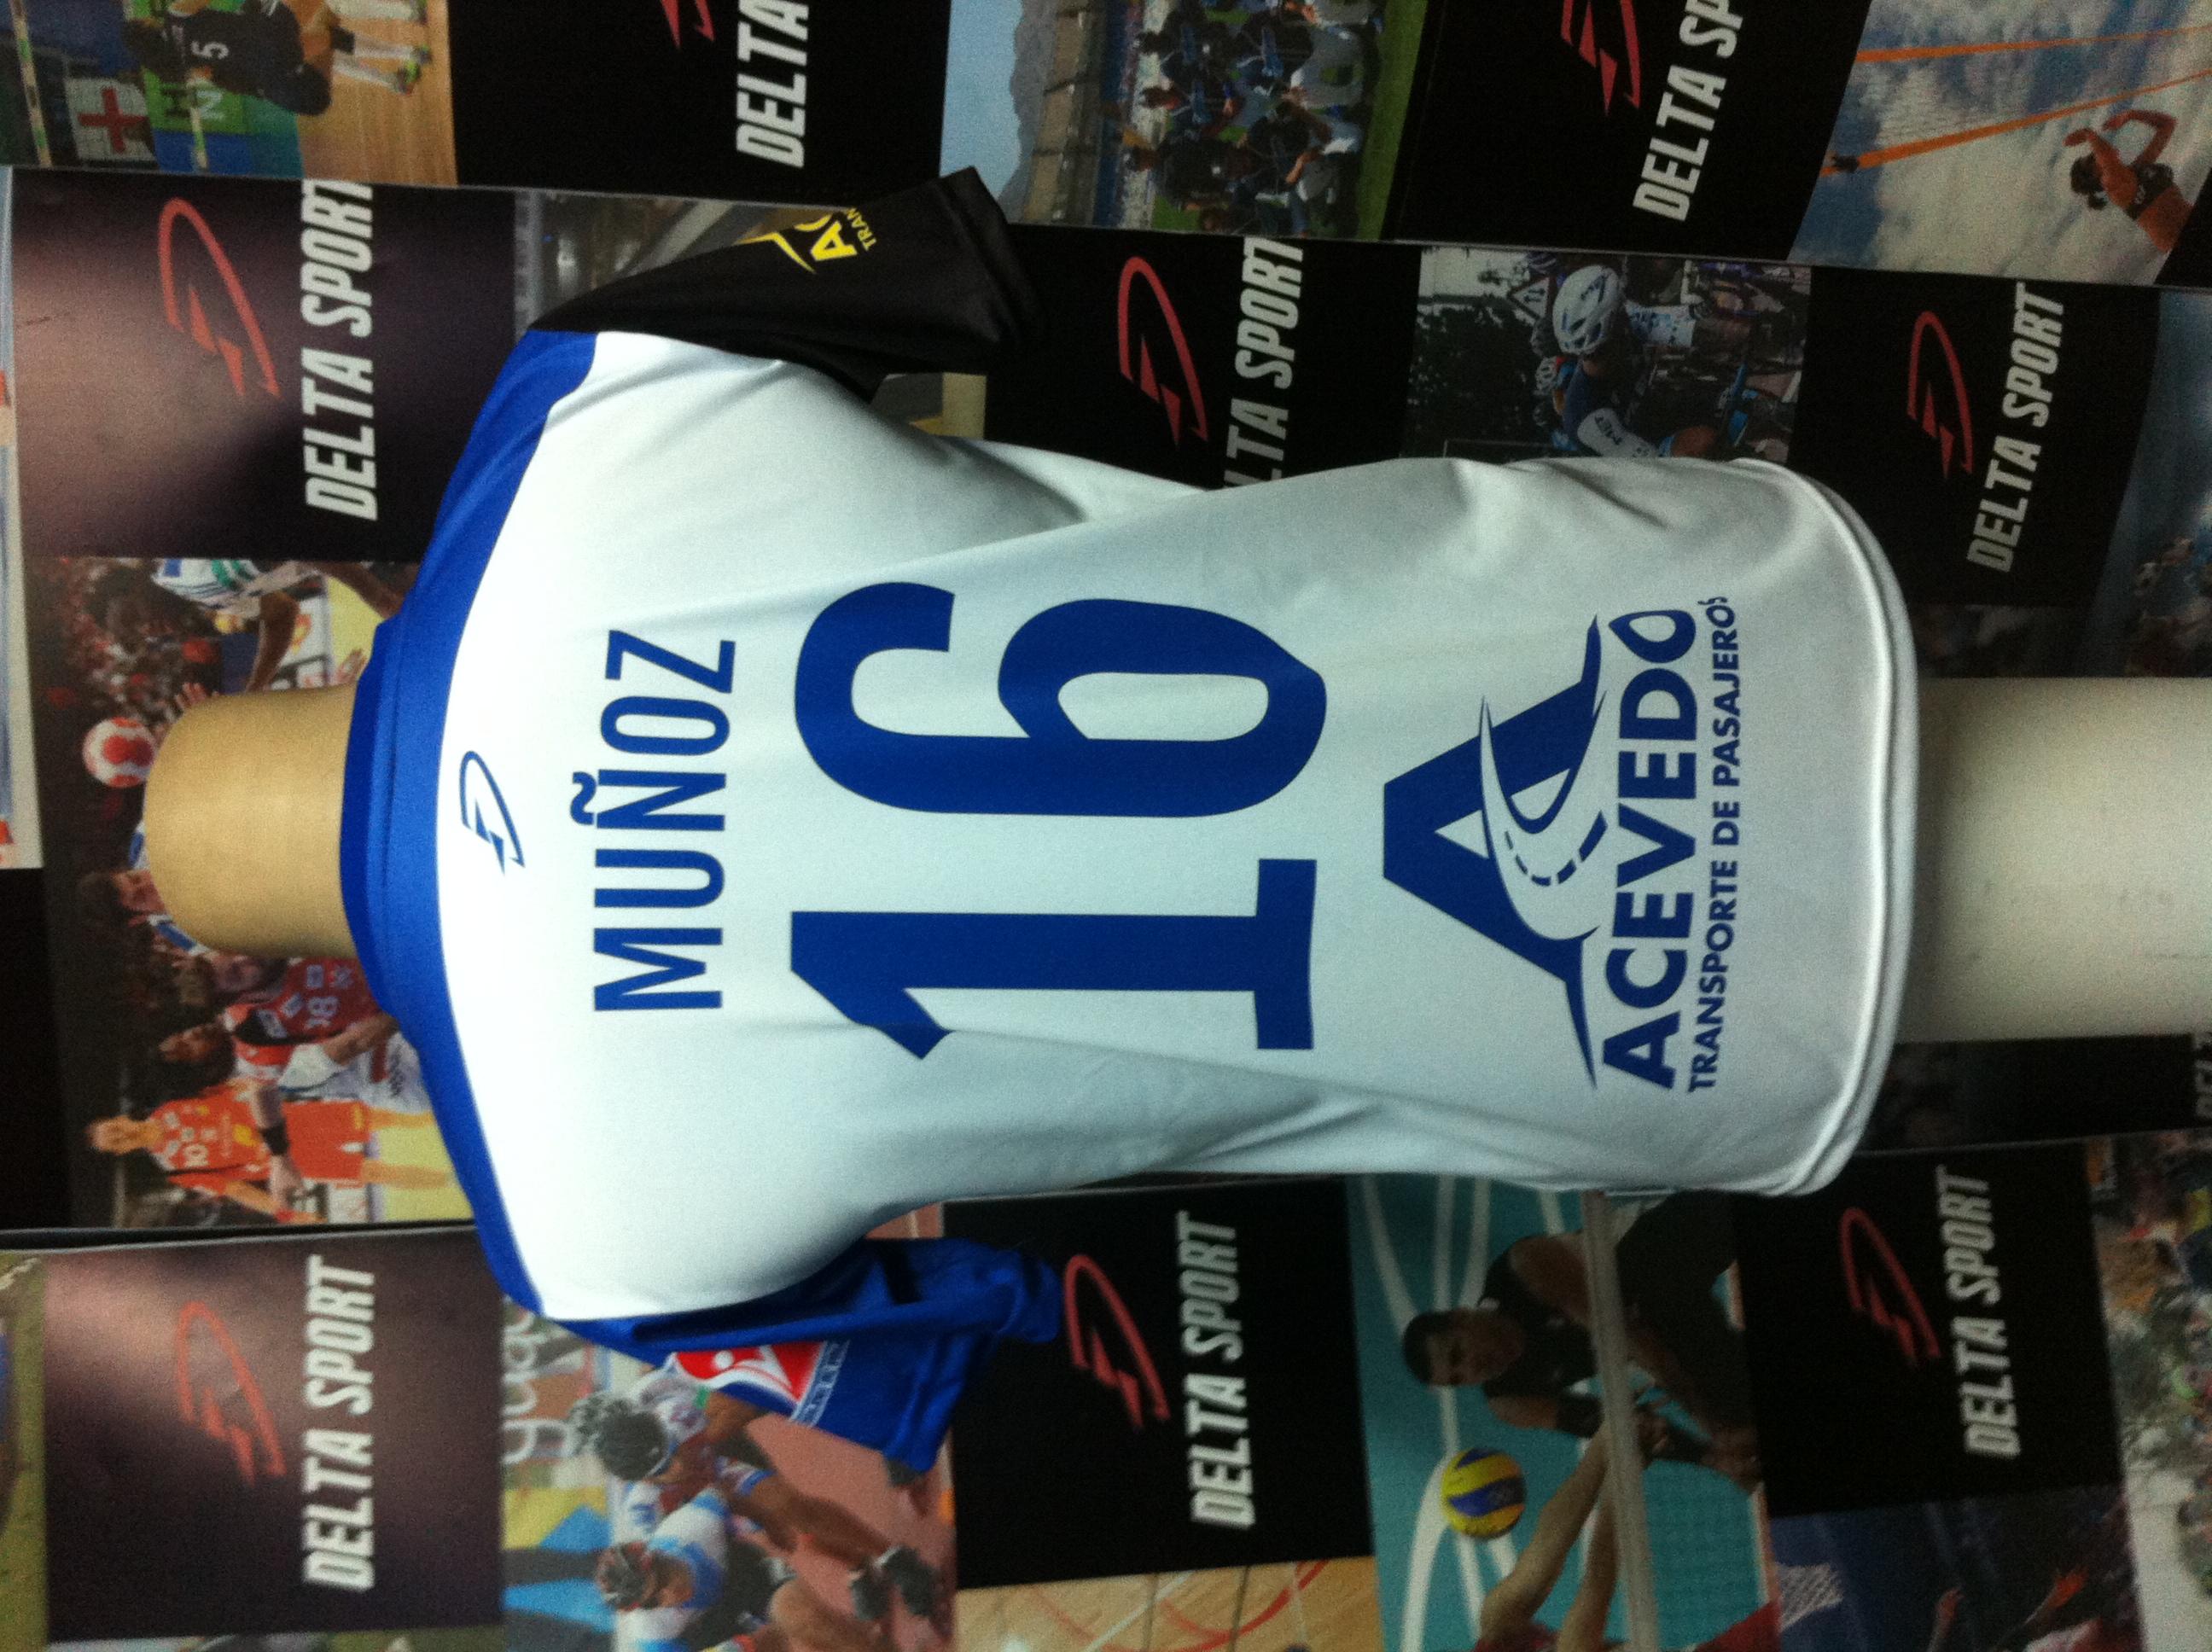 Camiseta deportiva voleibol corte unisex personalizada tela drifit  sublimada 100% cuello bi color 36ff07d470ed9